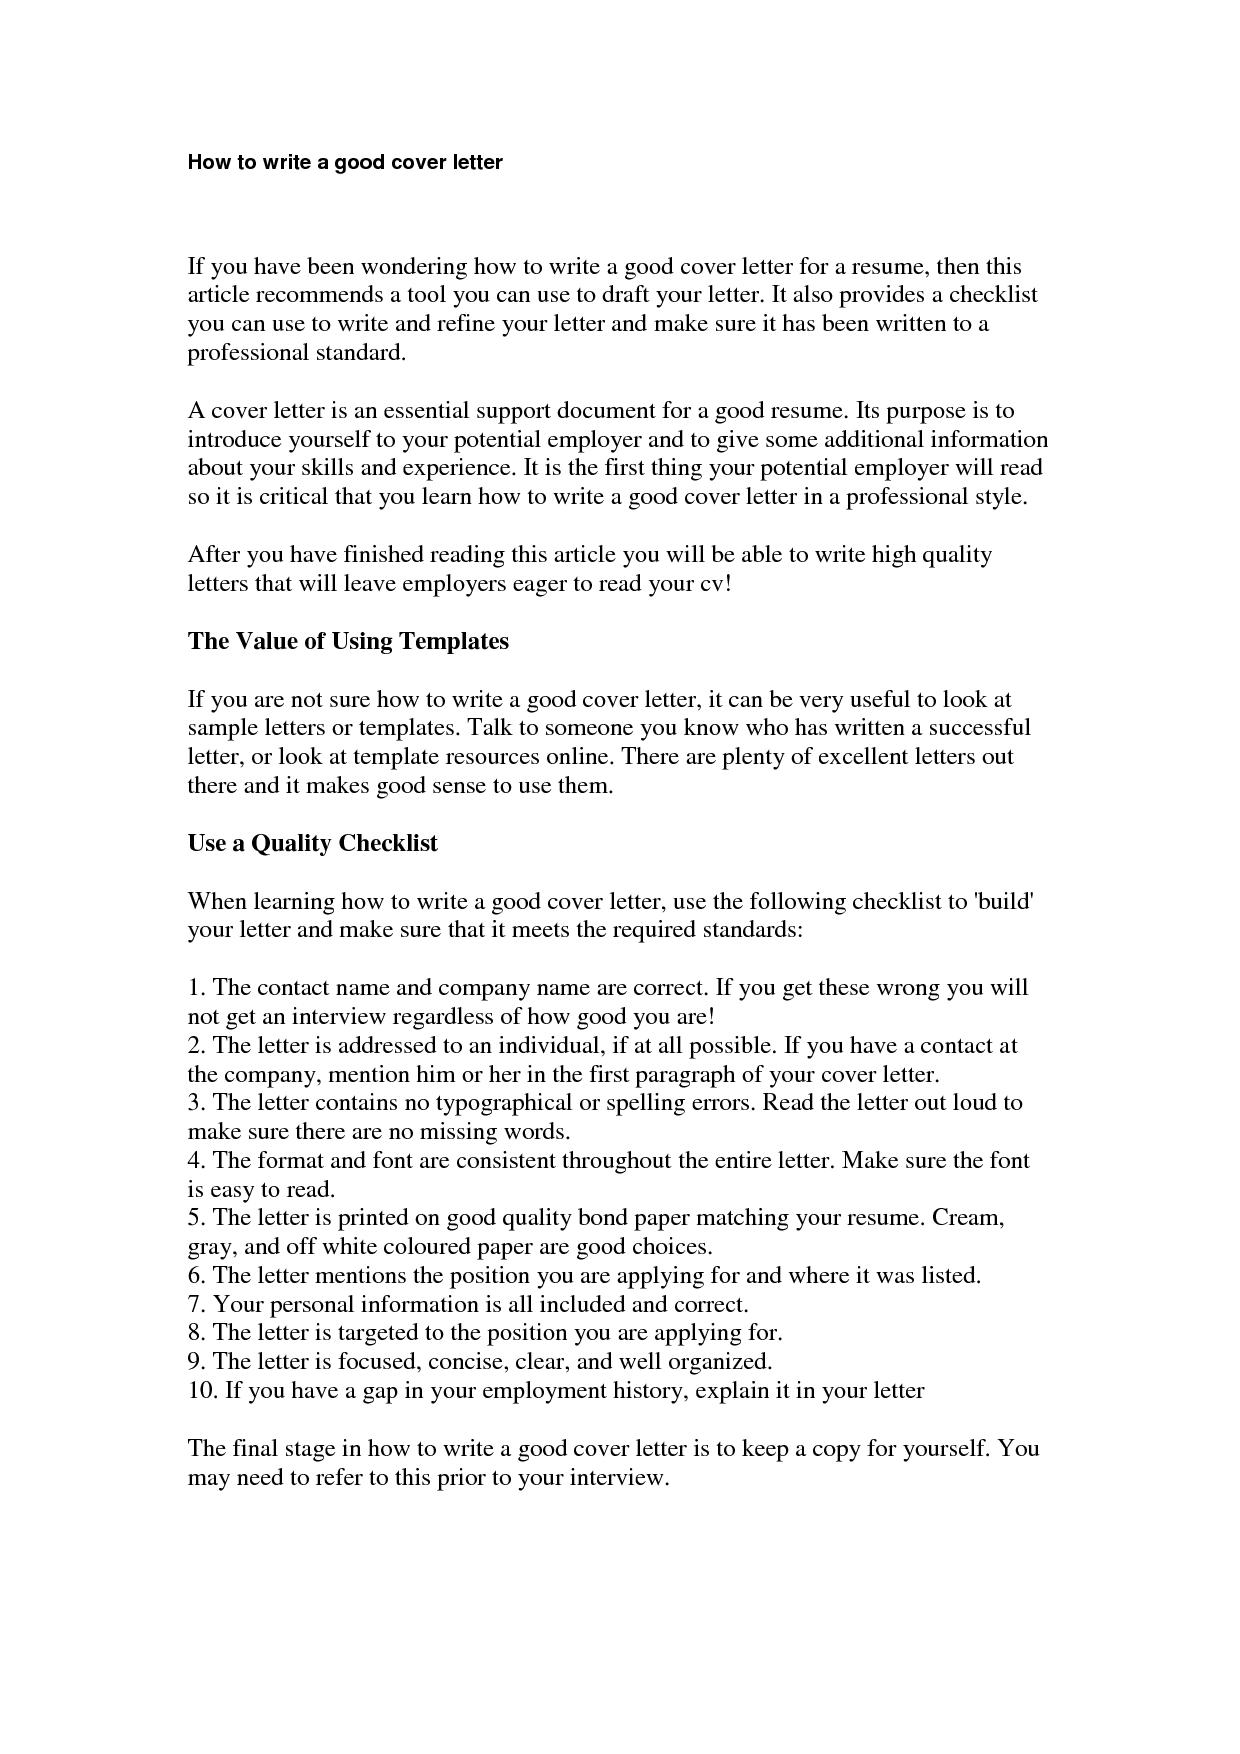 Cover Letter Template Reddit Cover letter for resume